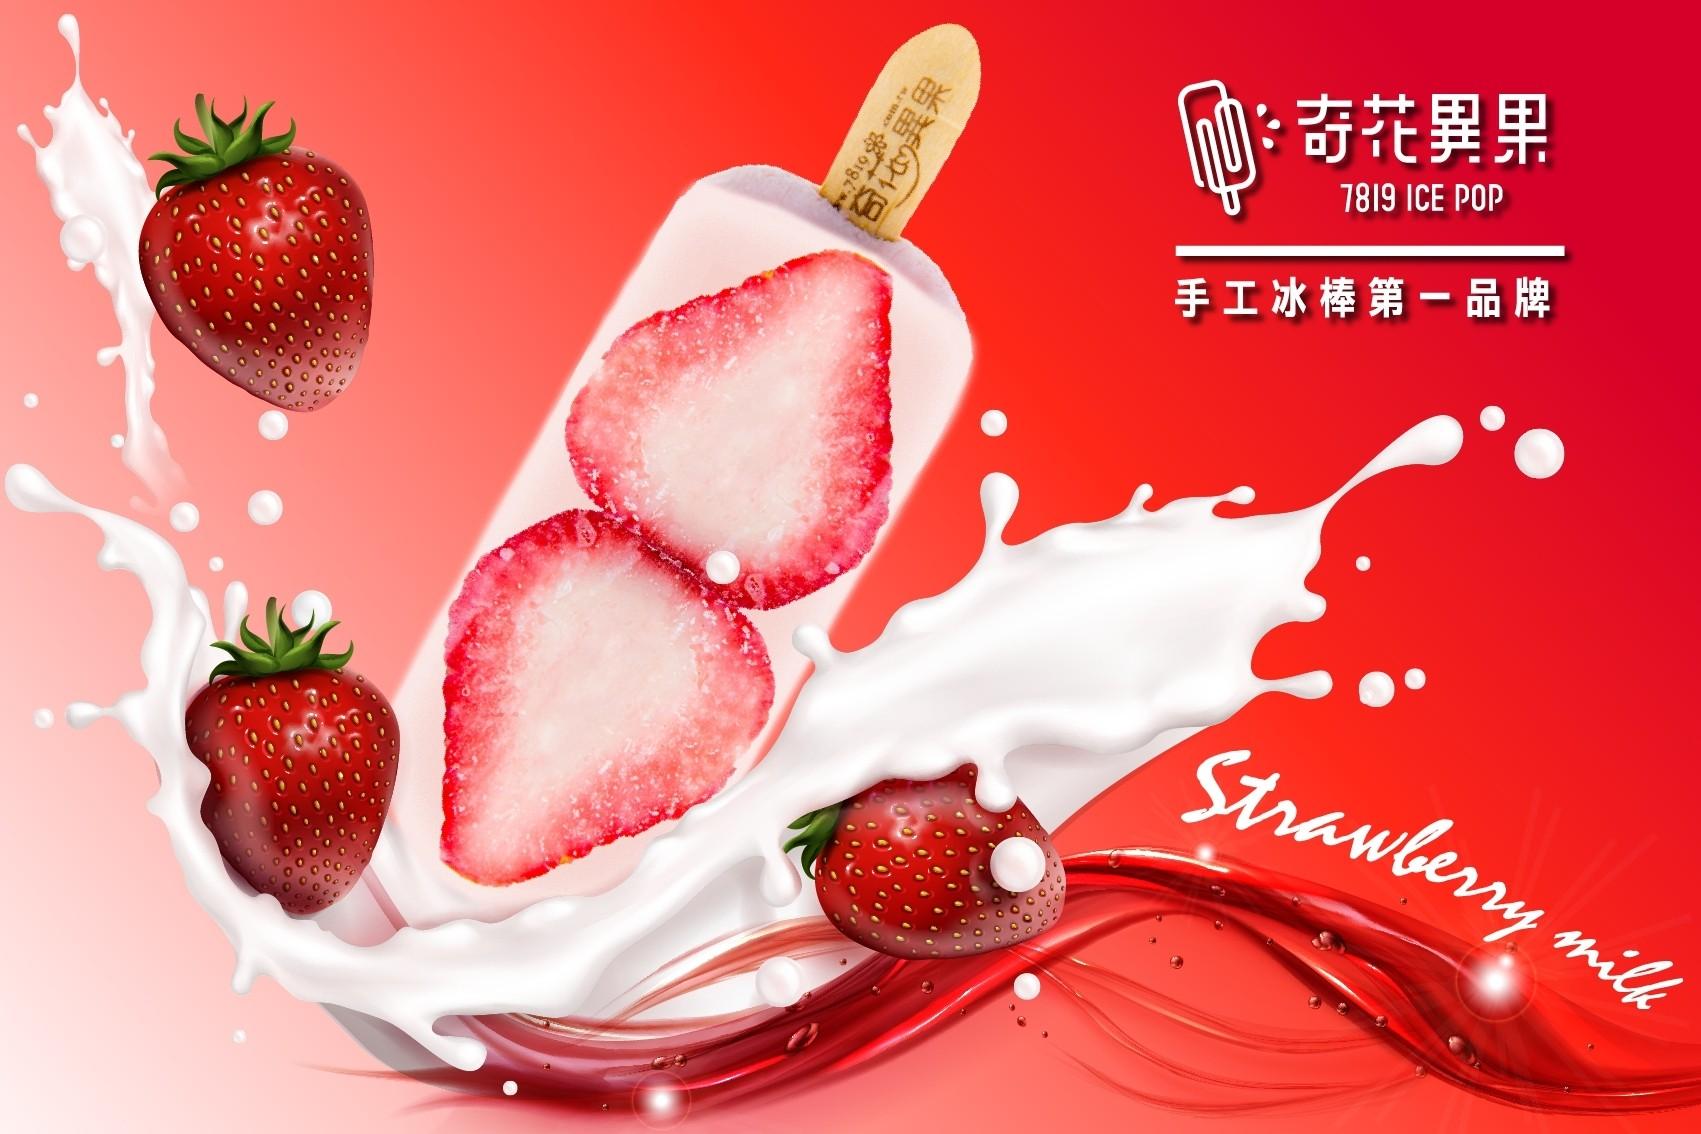 奇花異果手工鮮果冰棒(綜合口味一組15種口味)隨機贈送1支